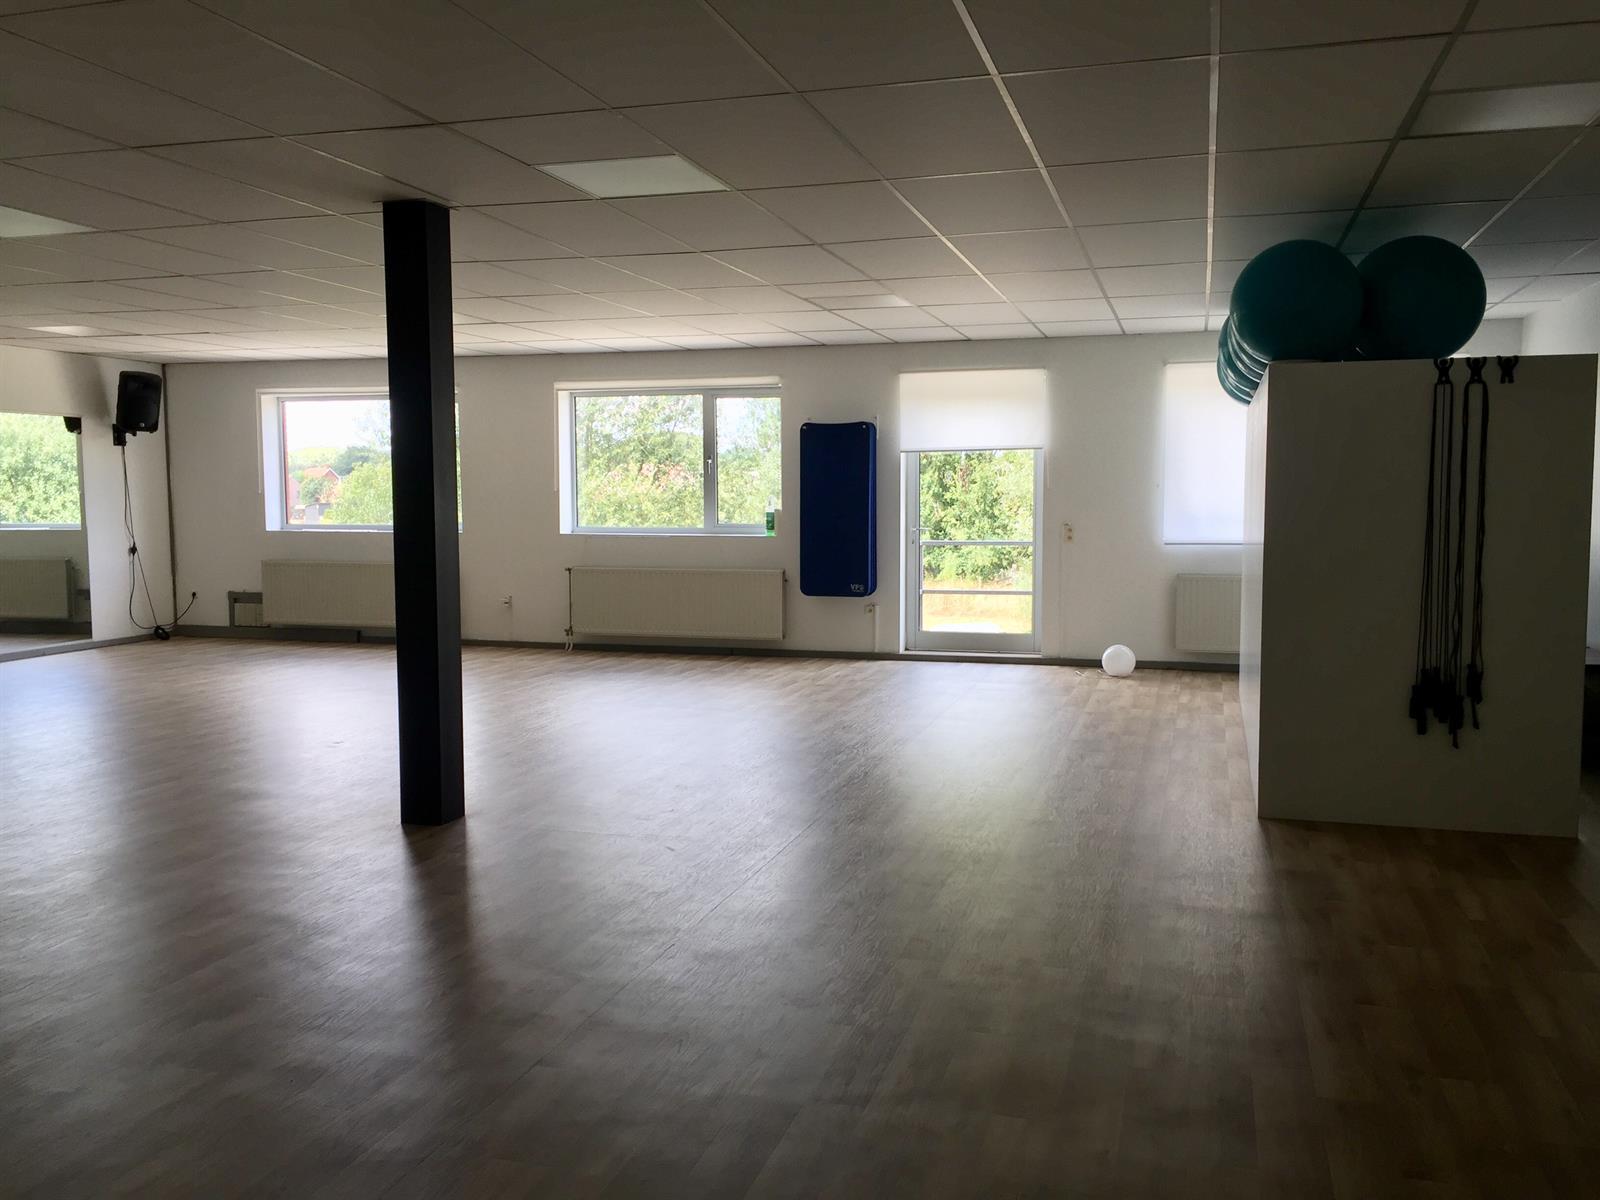 kantoor te huur I137 - Kantoor - Rollebeekstraat 16, 2160 Wommelgem, België 4